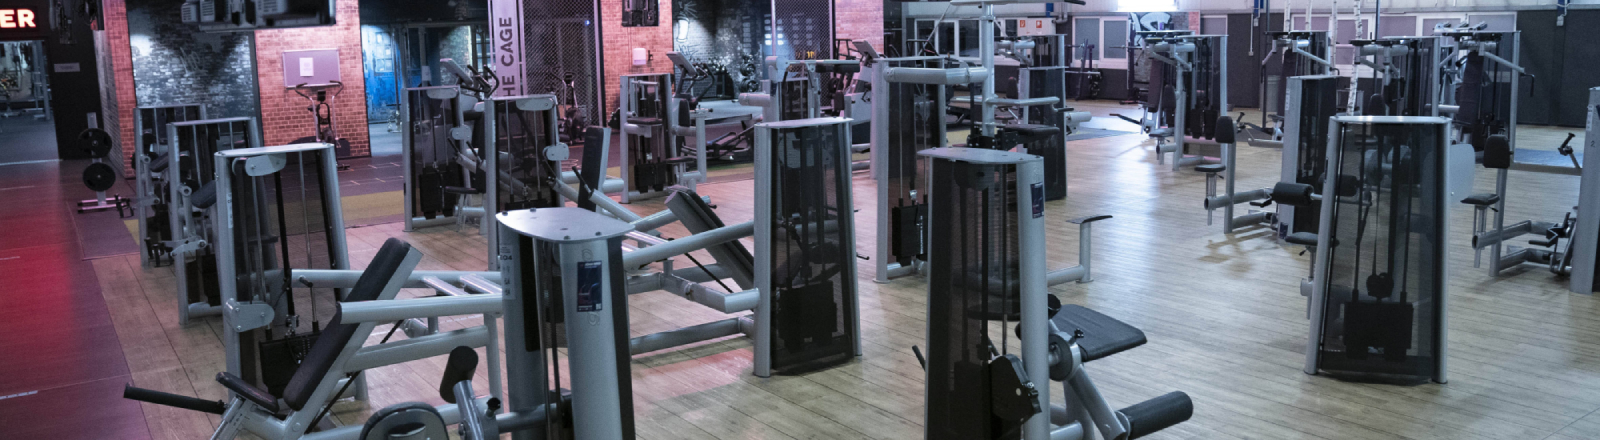 Wenn man euch die Geräte zeigt: Leere in einem Fitnessstudio im Kölner Stadtteil Kalk